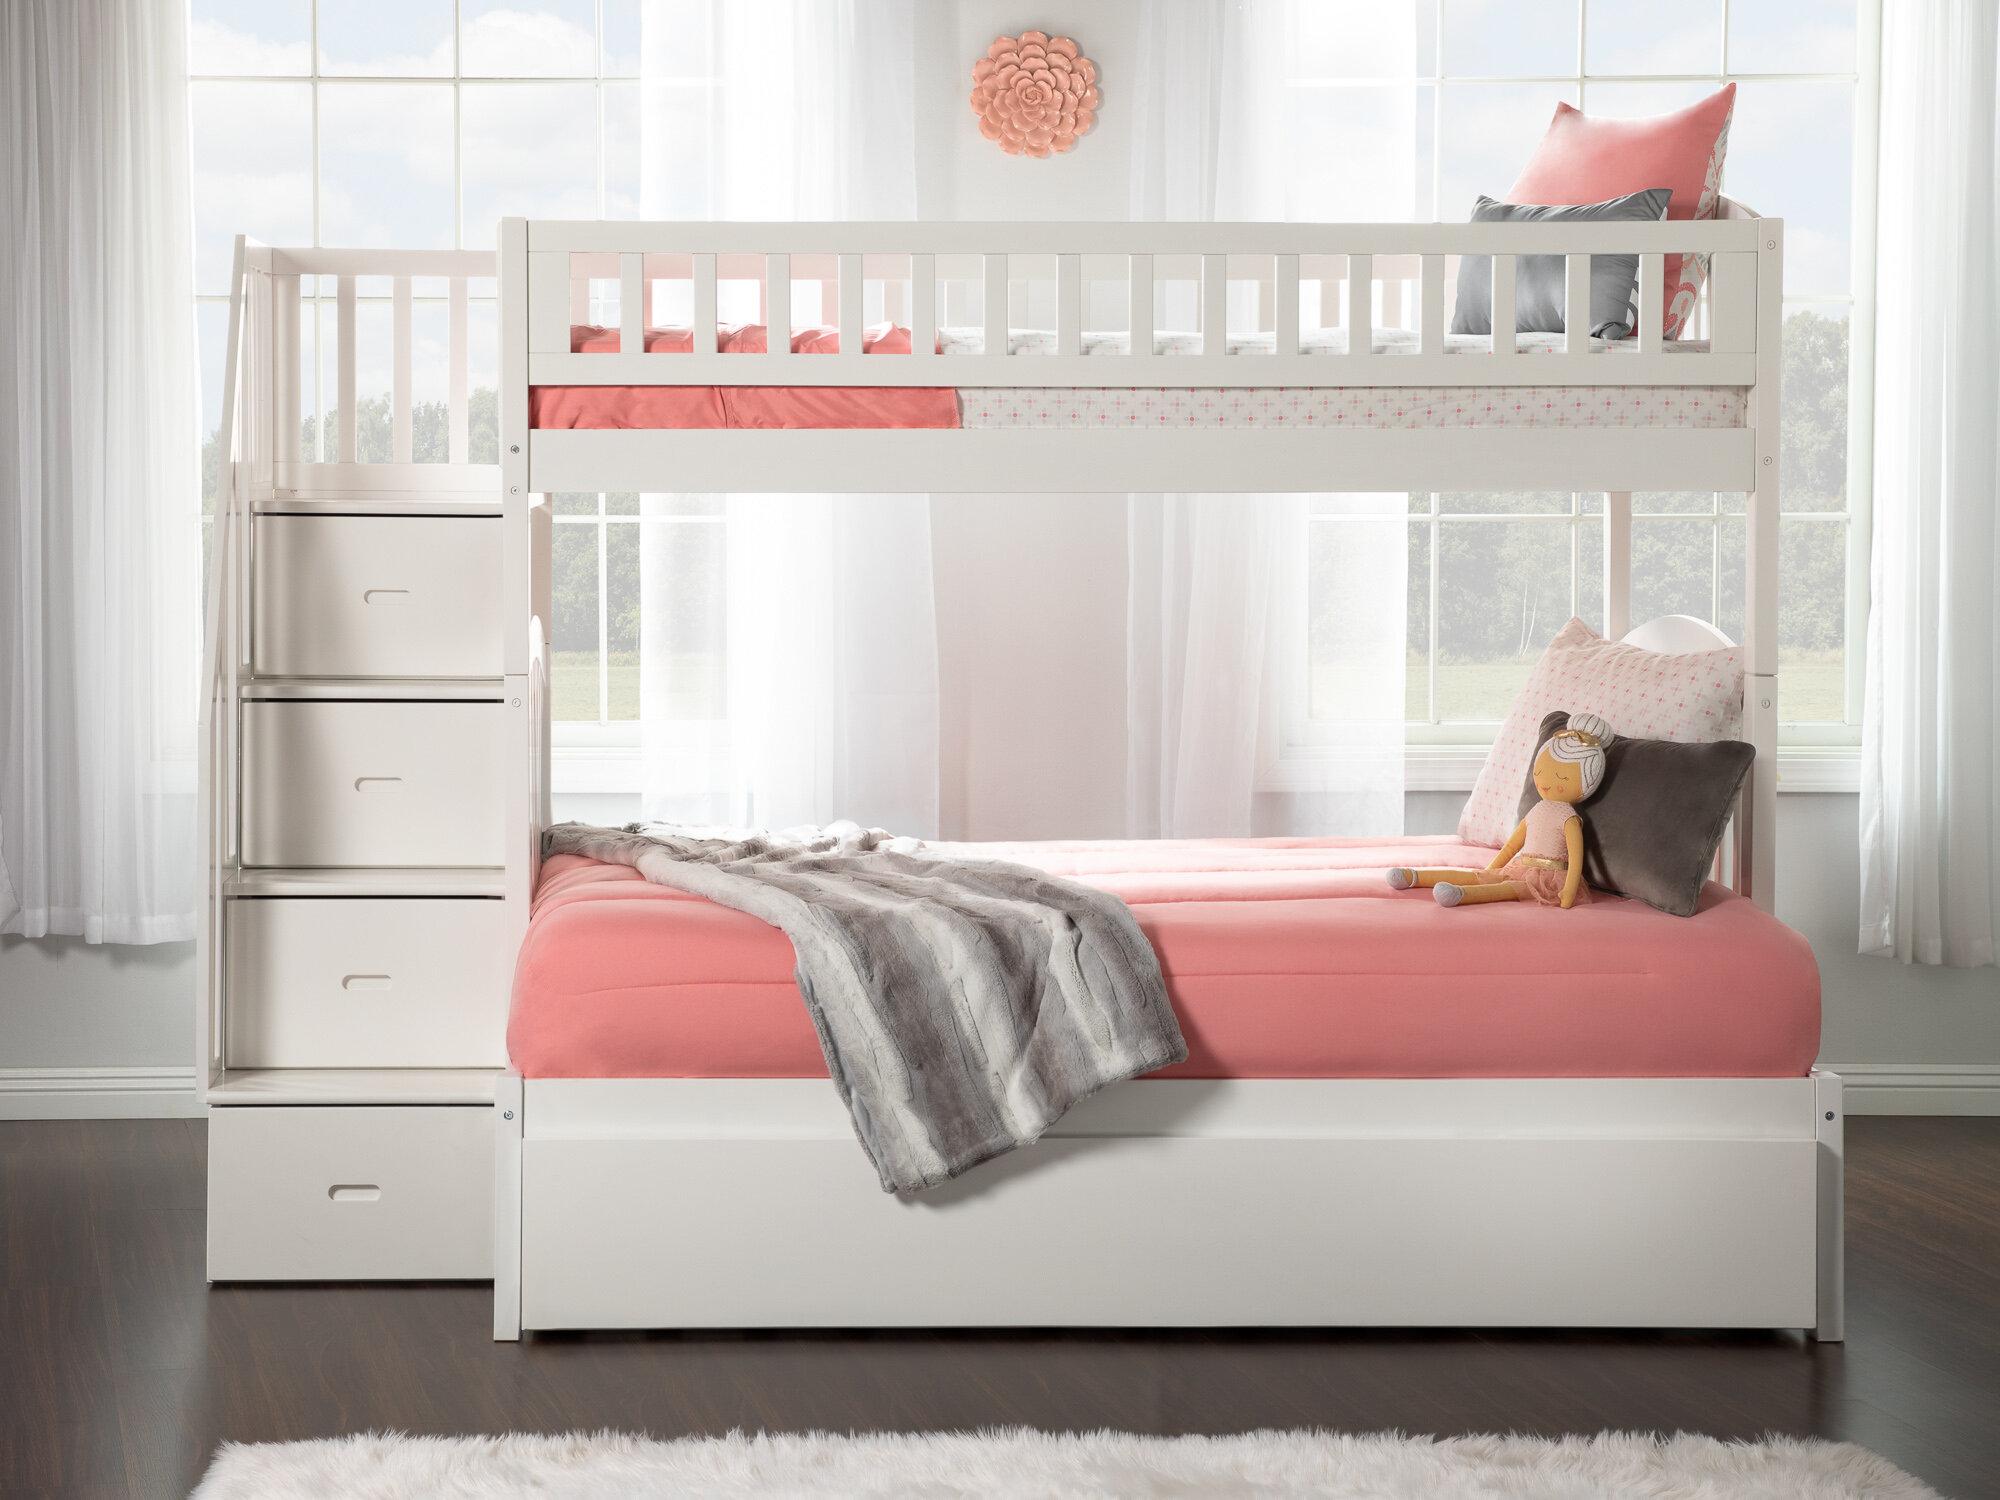 Lit Superposé Marche Escalier lit simple superposé au dessus d'un lit double avec tablettes escalier  simmons